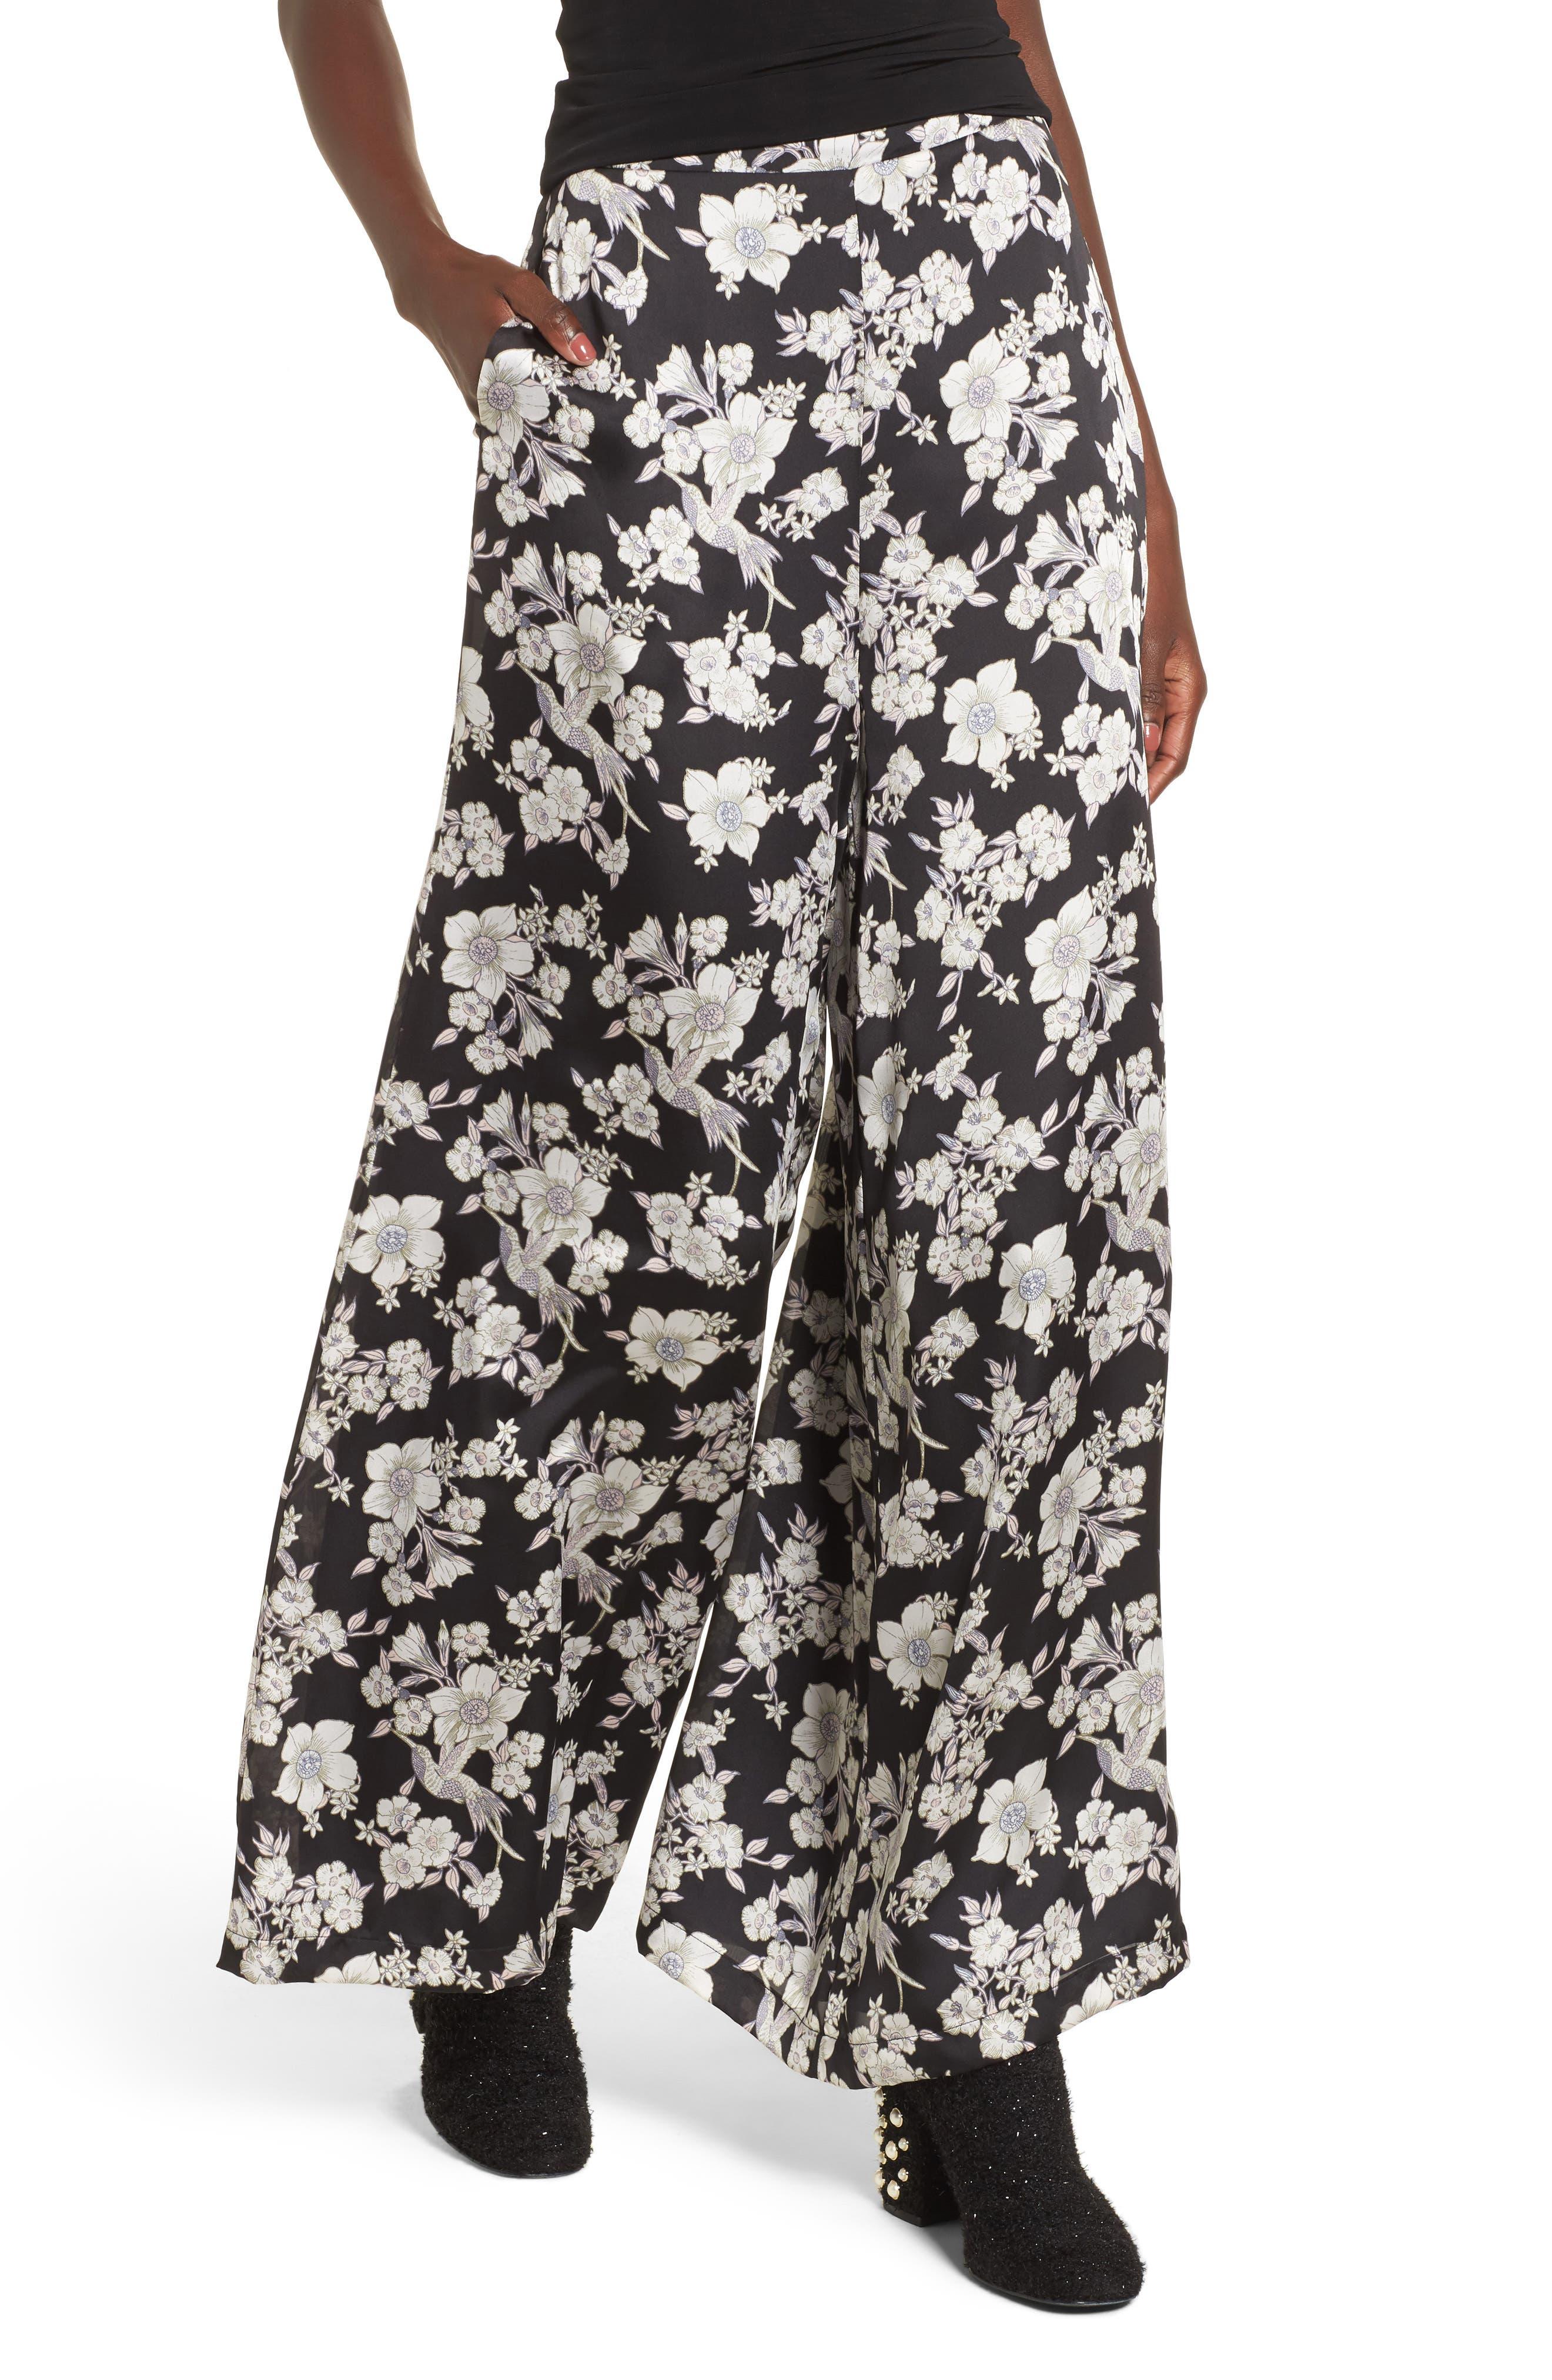 Birdee Wide Leg Pants,                         Main,                         color, Black Floral